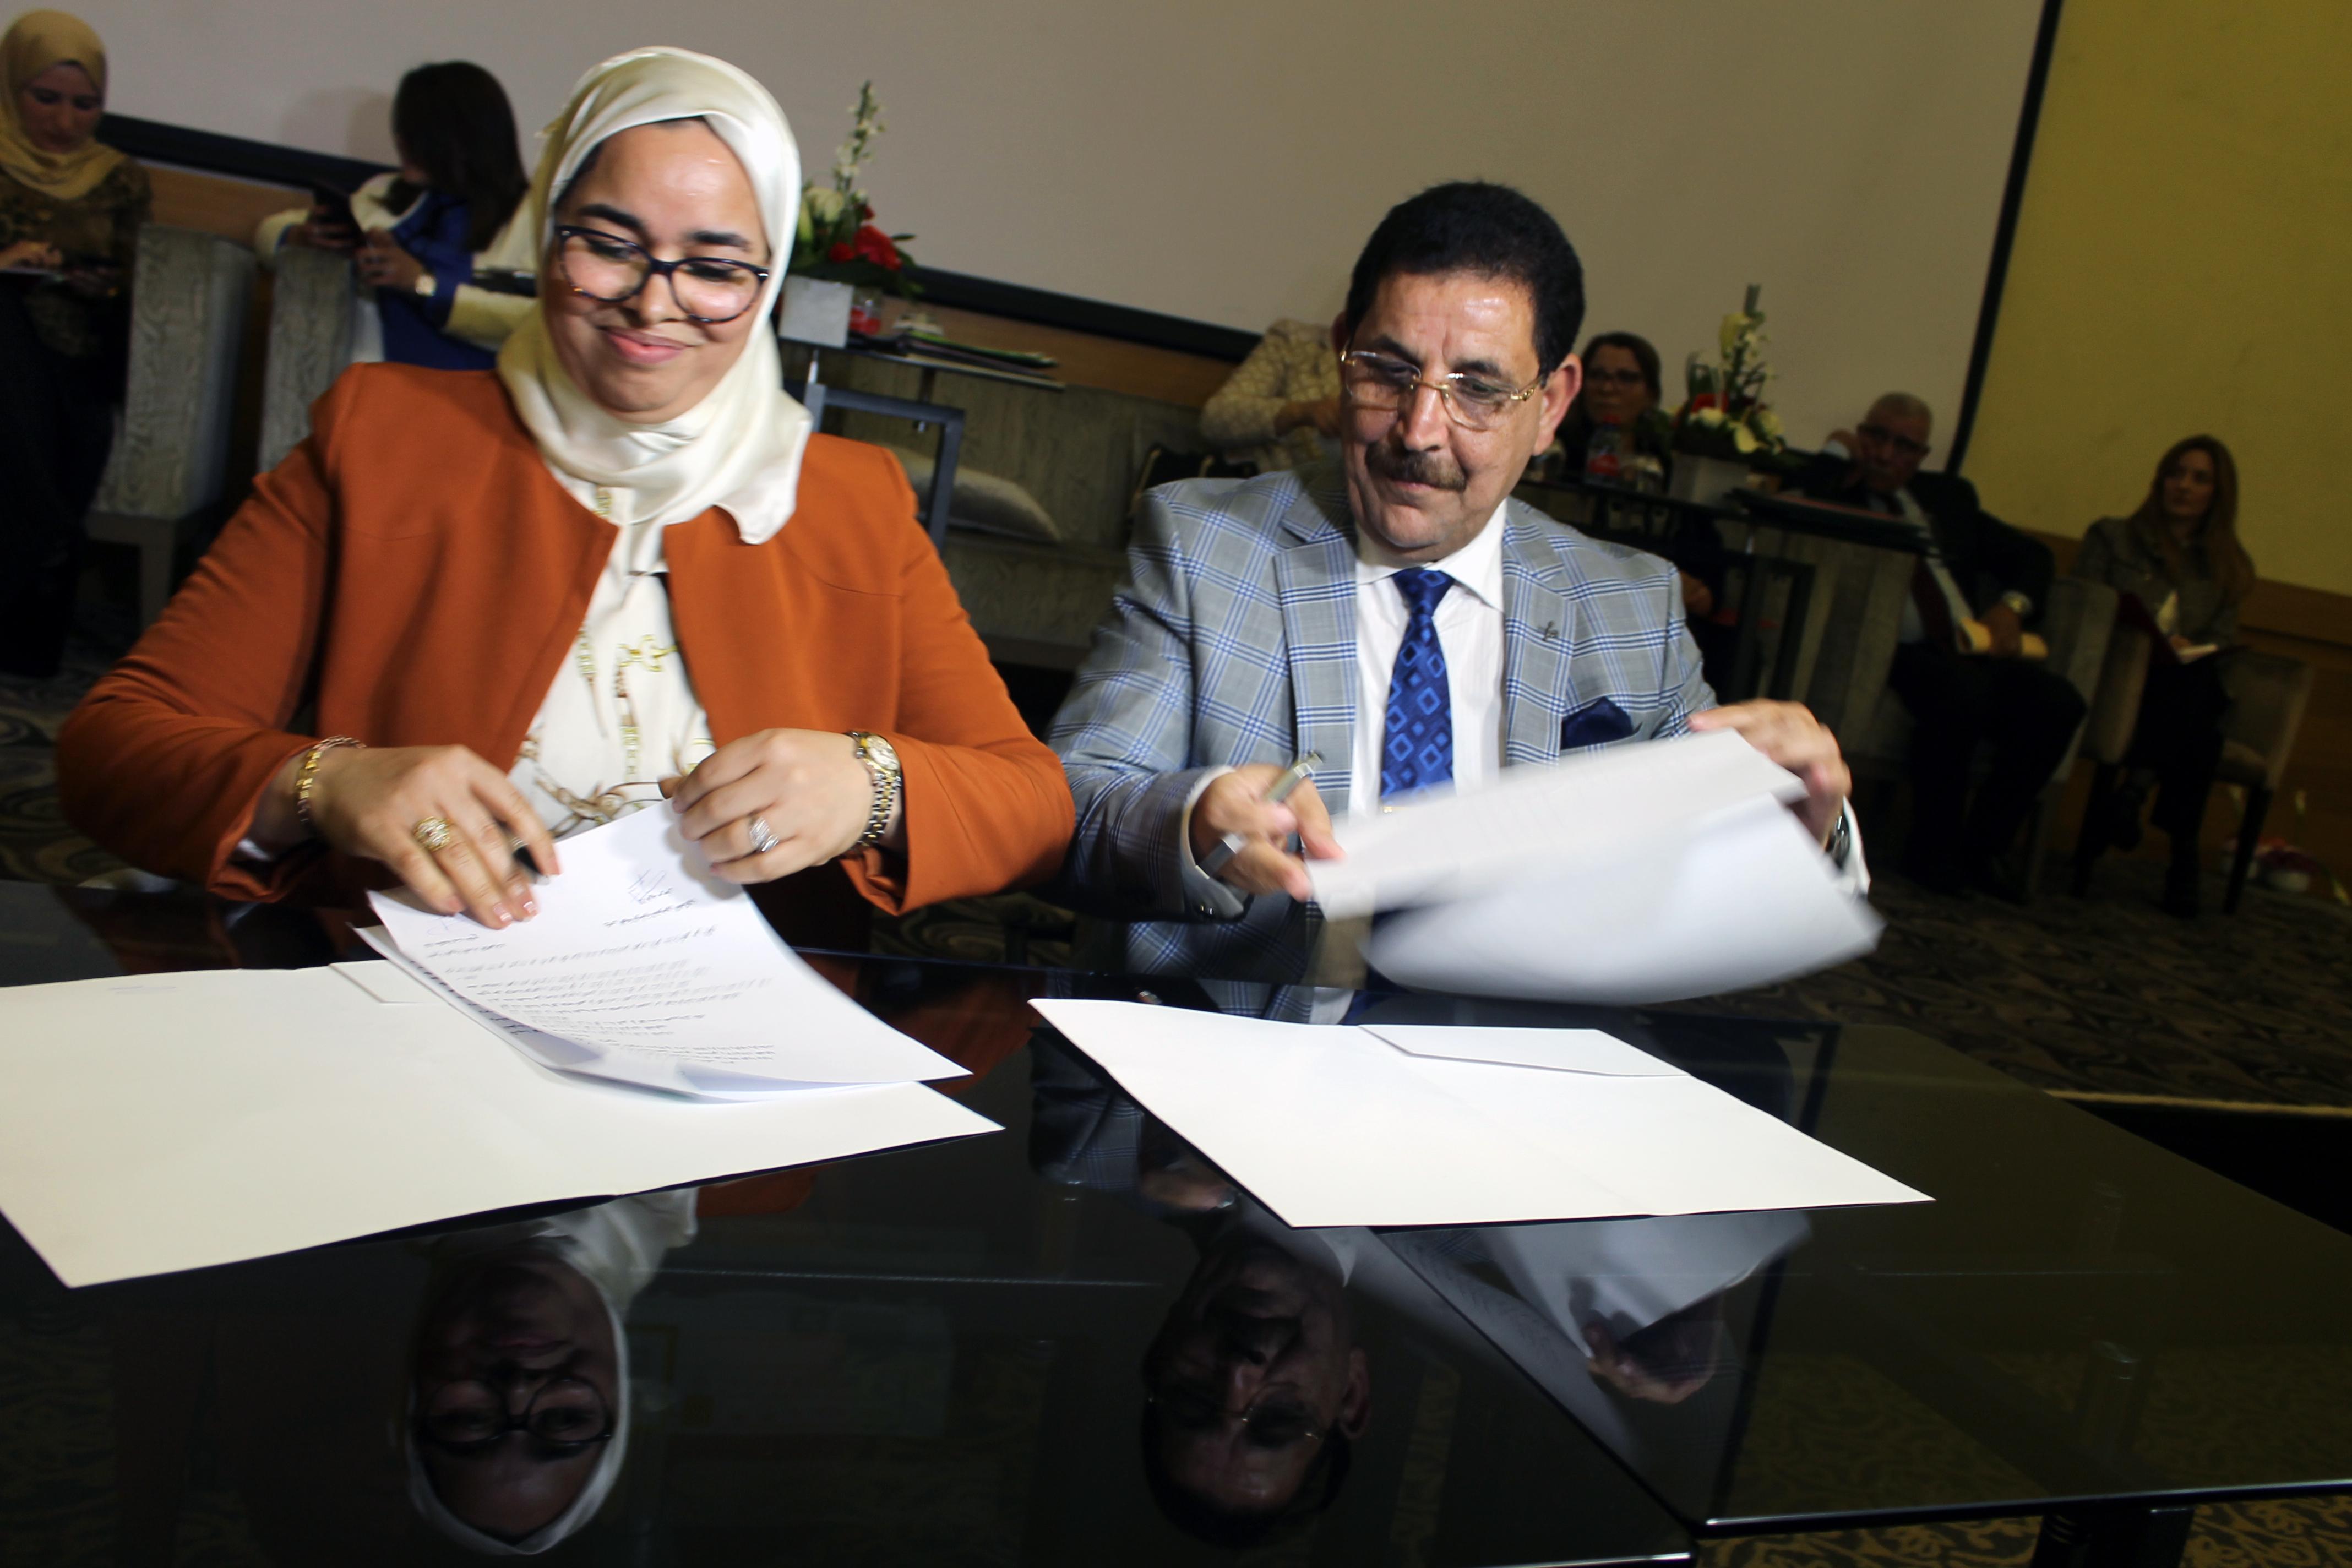 الدار البيضاء.. توقيع اتفاقية شراكة بين الجمعية المغربية للنساء القاضيات والهيئة الوطنية للمفوضين القضائيين